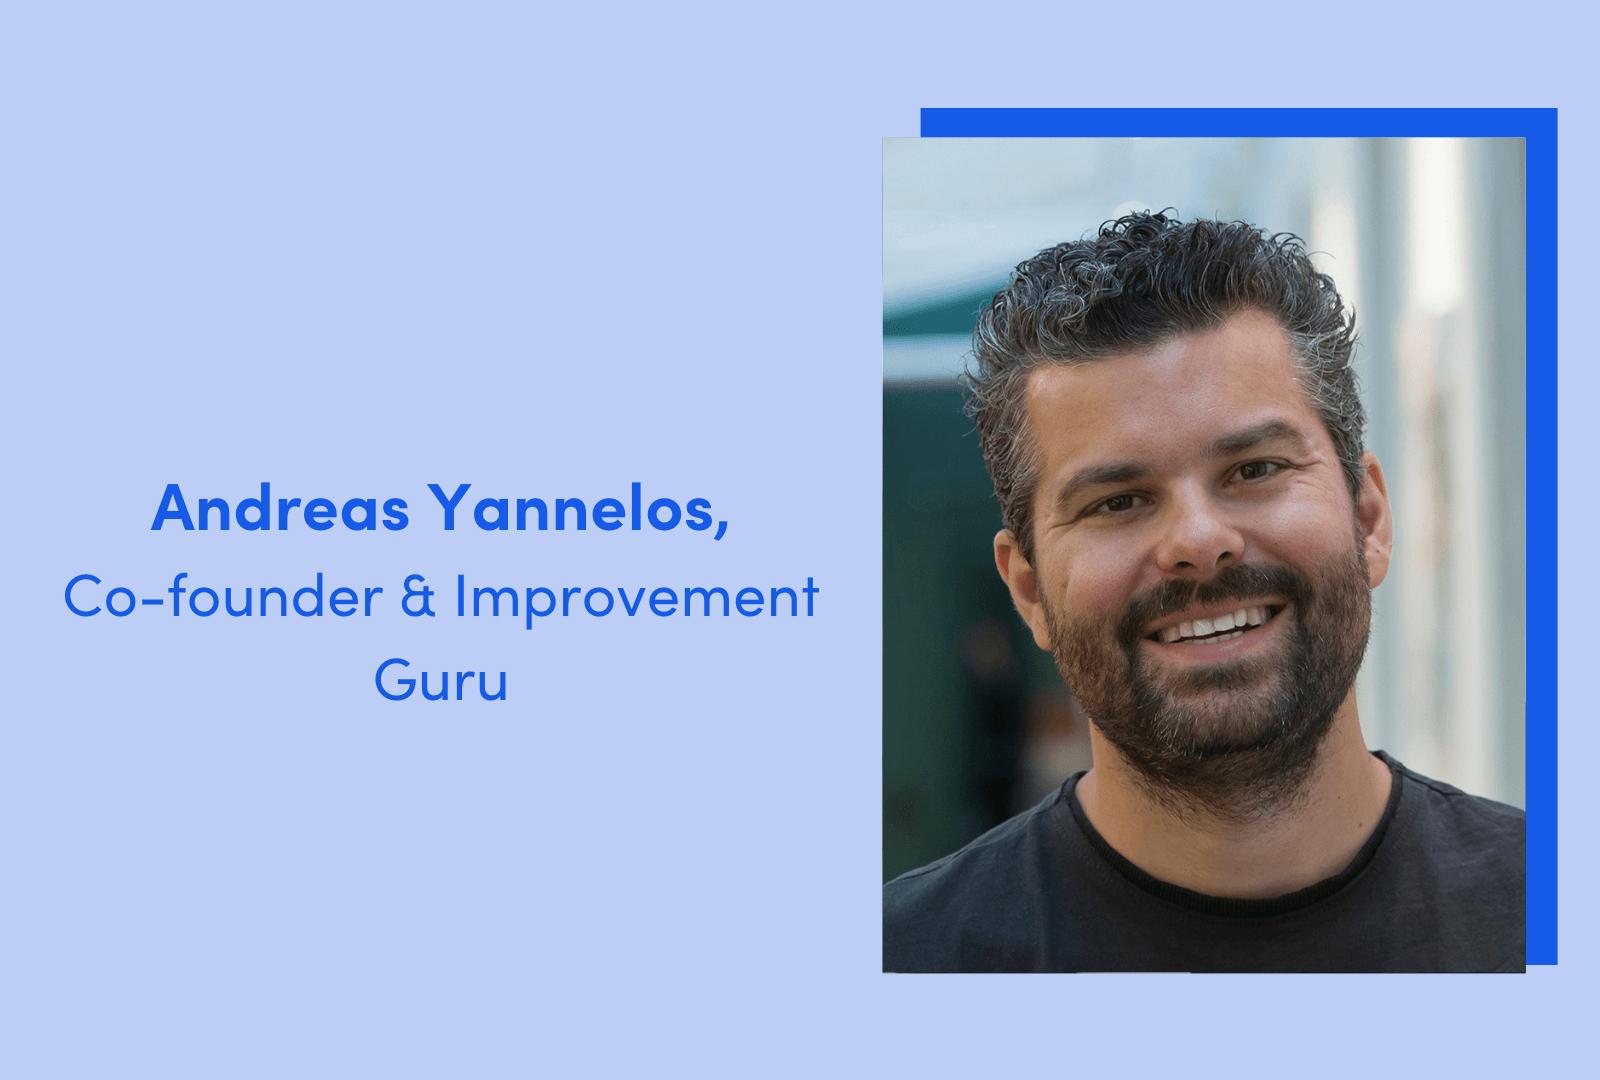 Life at DPOrganizer: Andreas Yannelos